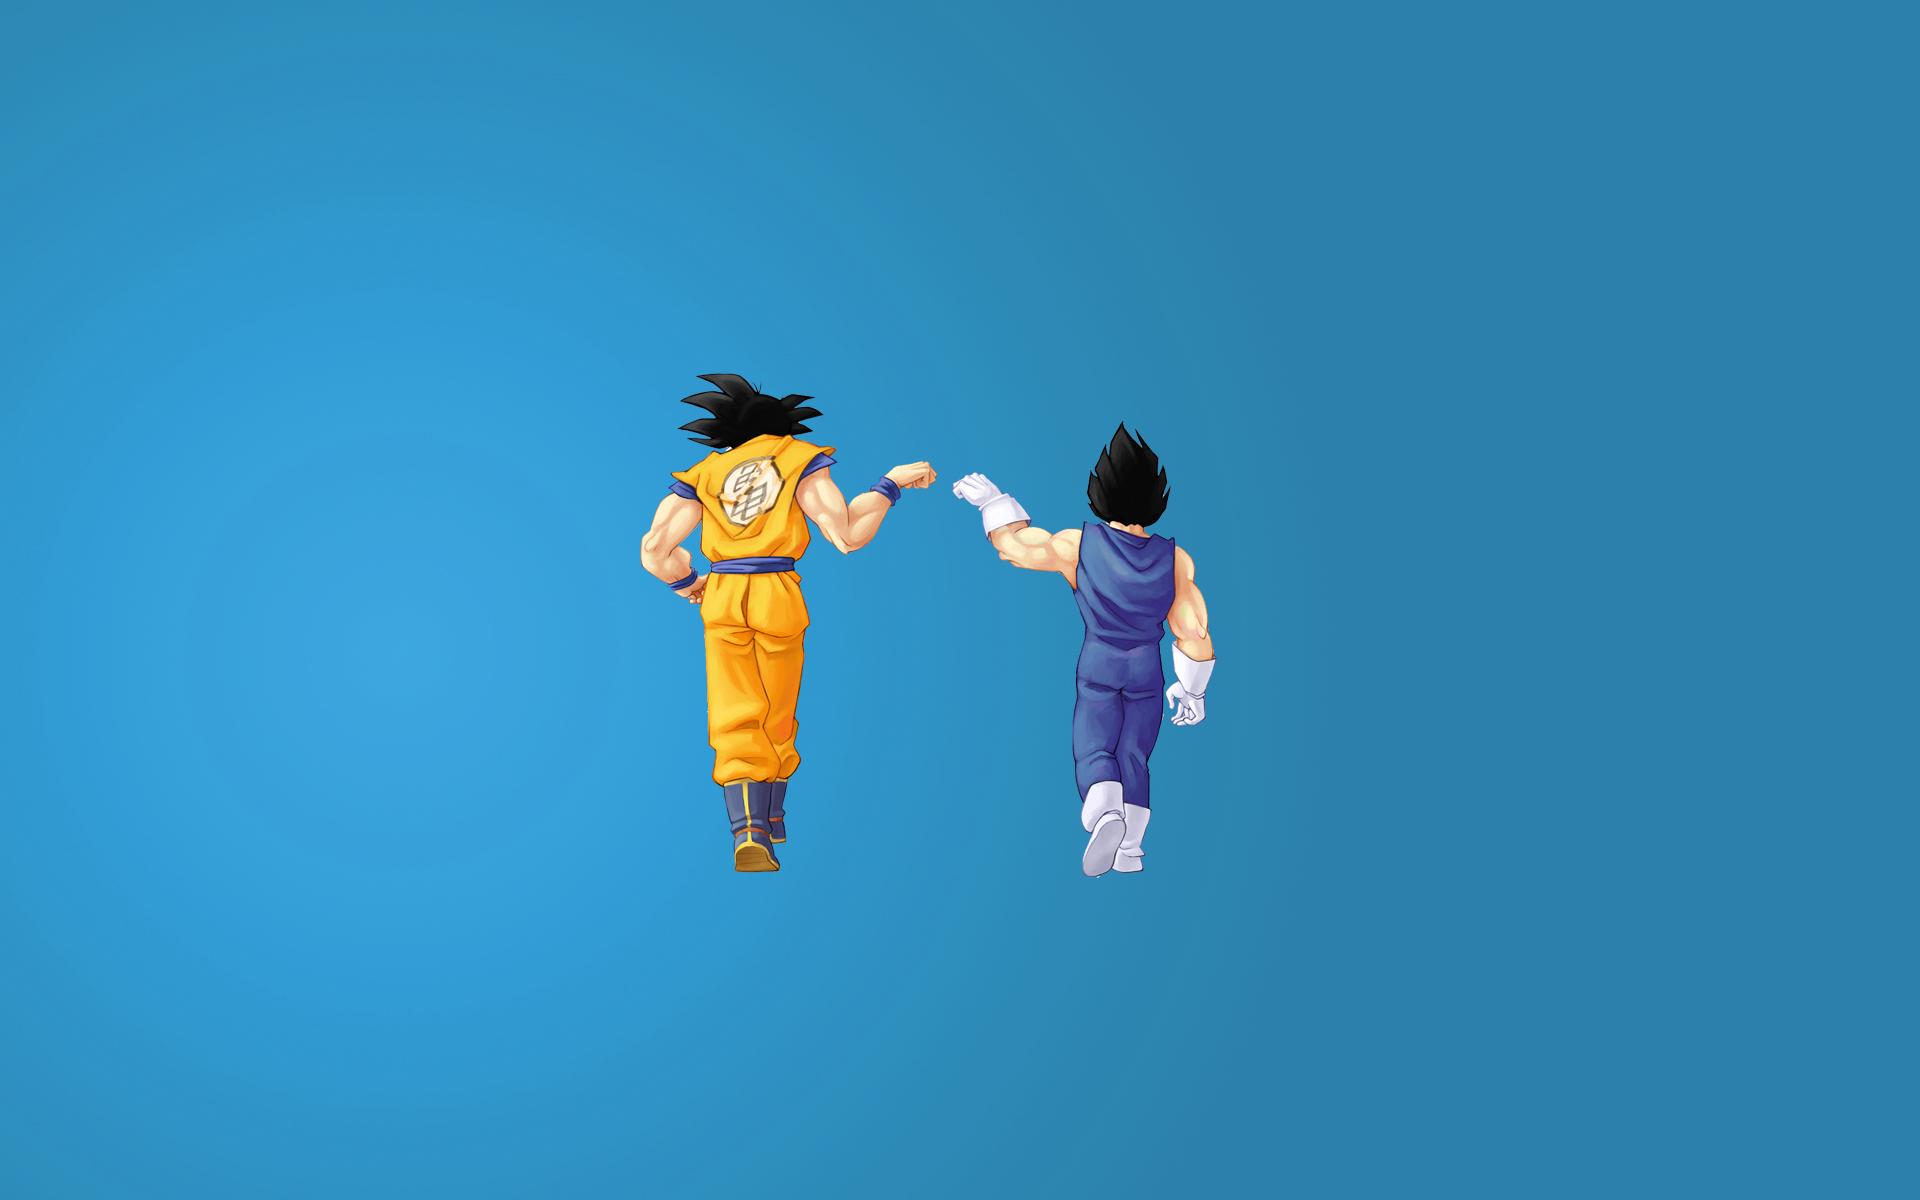 Goku Wallpaper hd for PC (14)